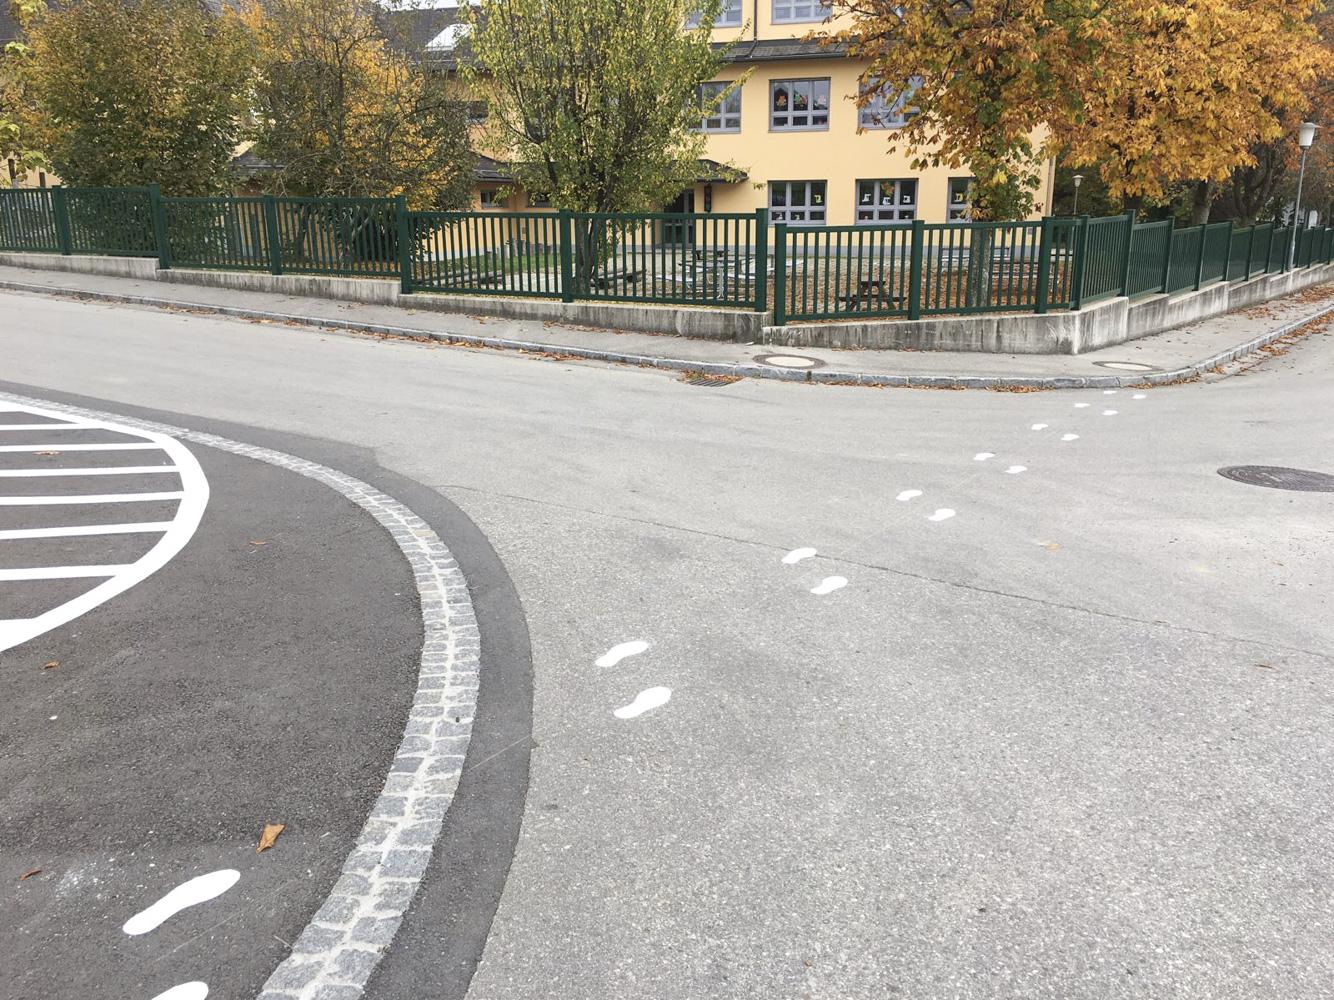 Park Platz